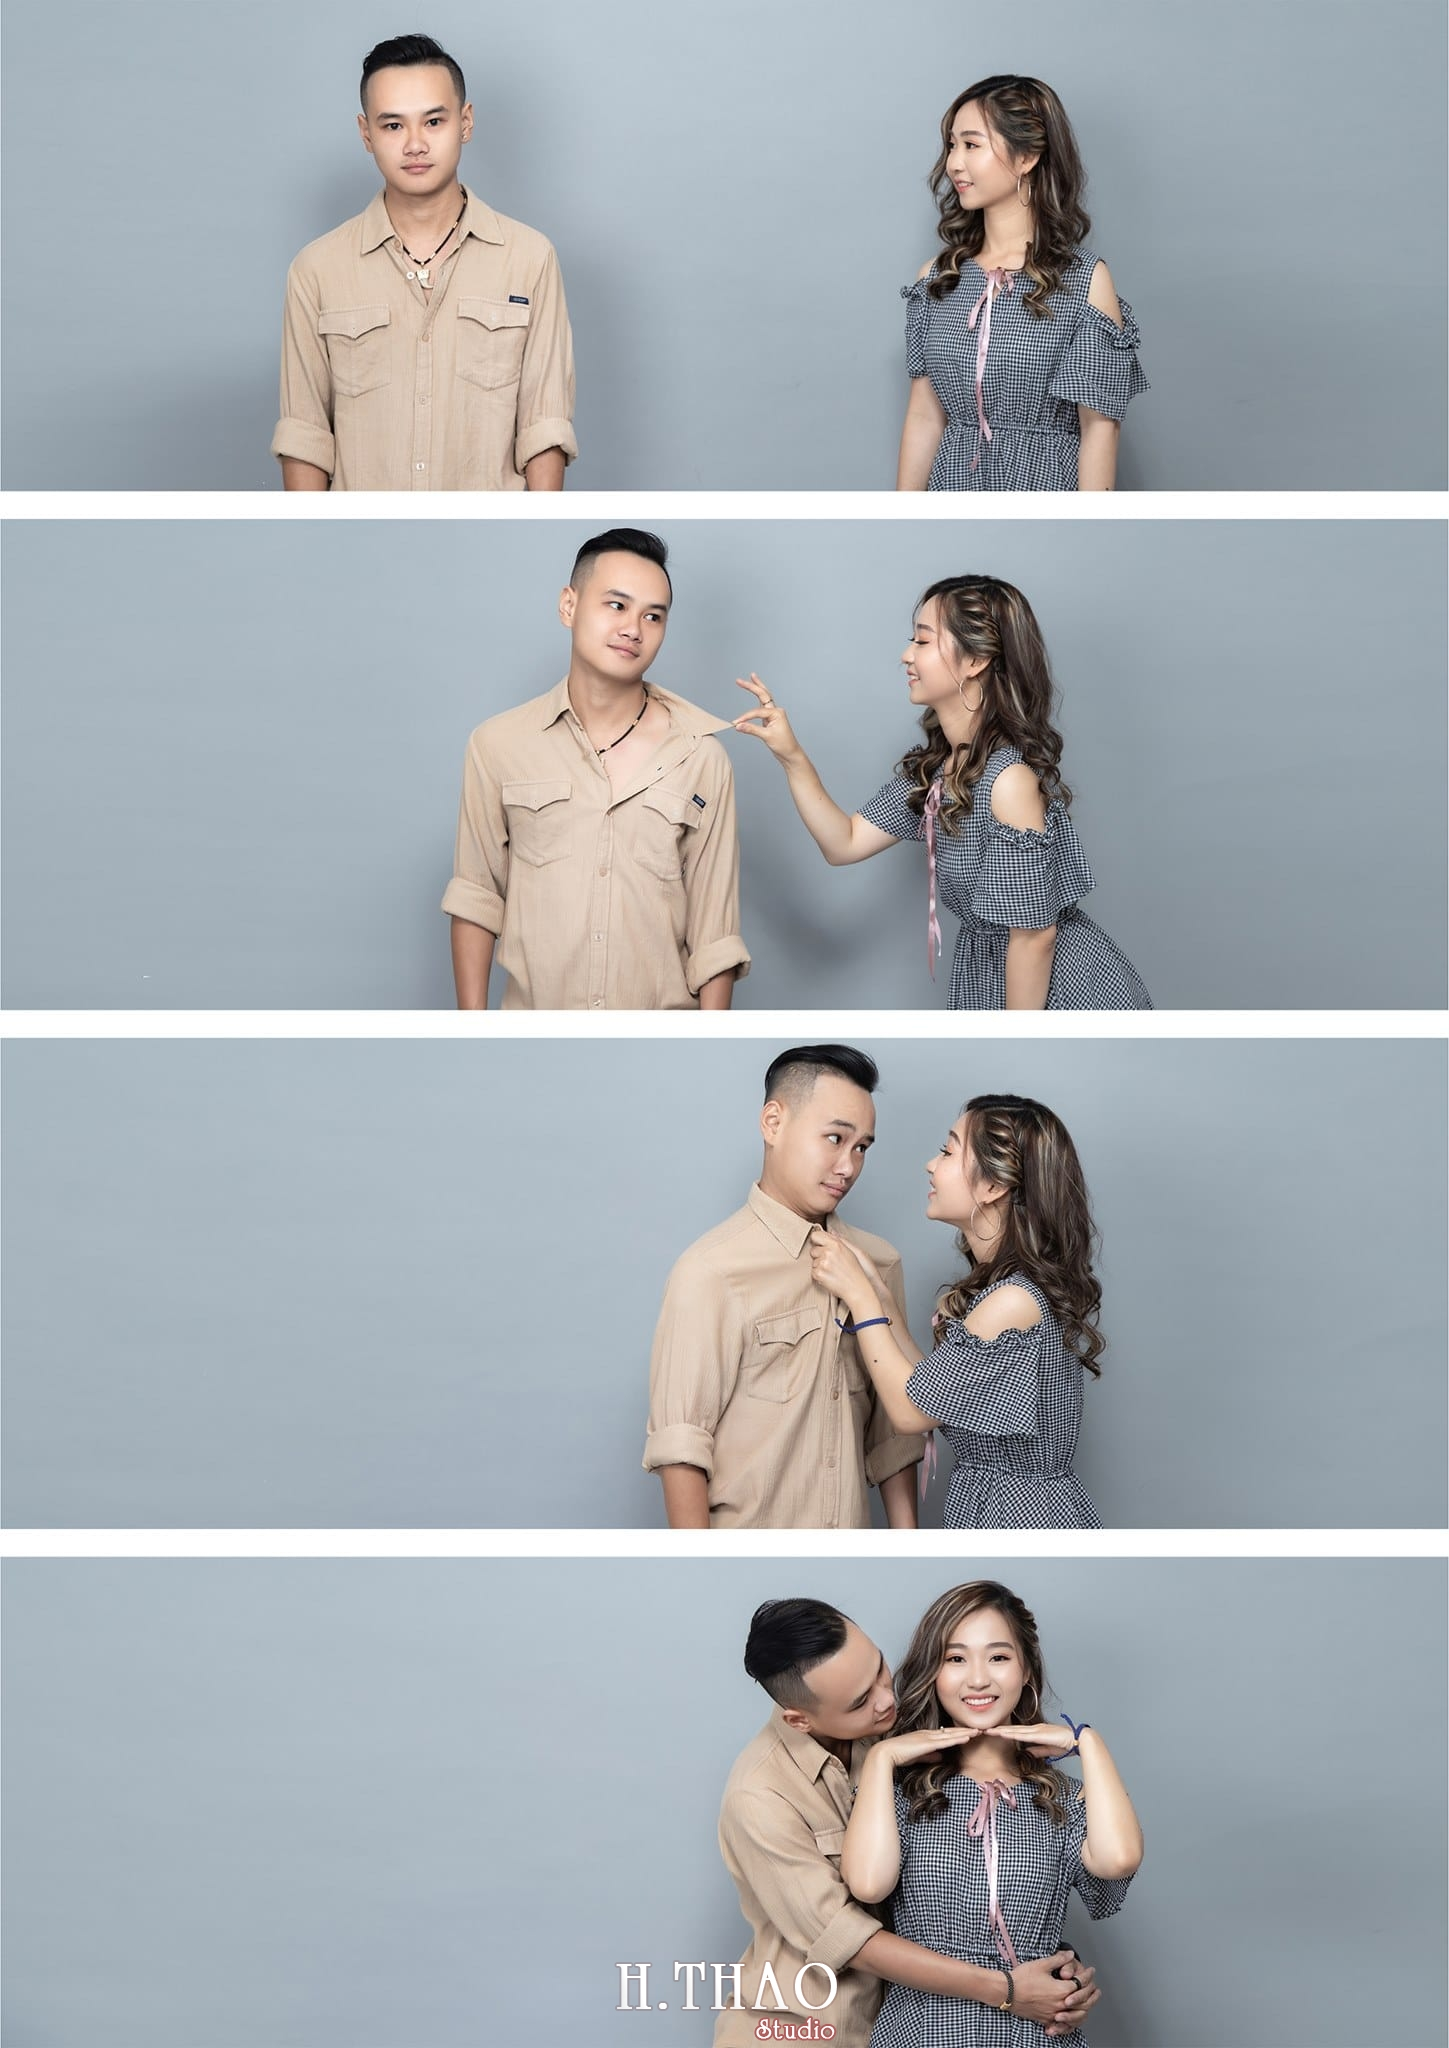 70269621 2310158572437087 3513475396374888448 o - Chụp ảnh couple, kỷ niệm Valentine - Ngày Lễ tình nhân